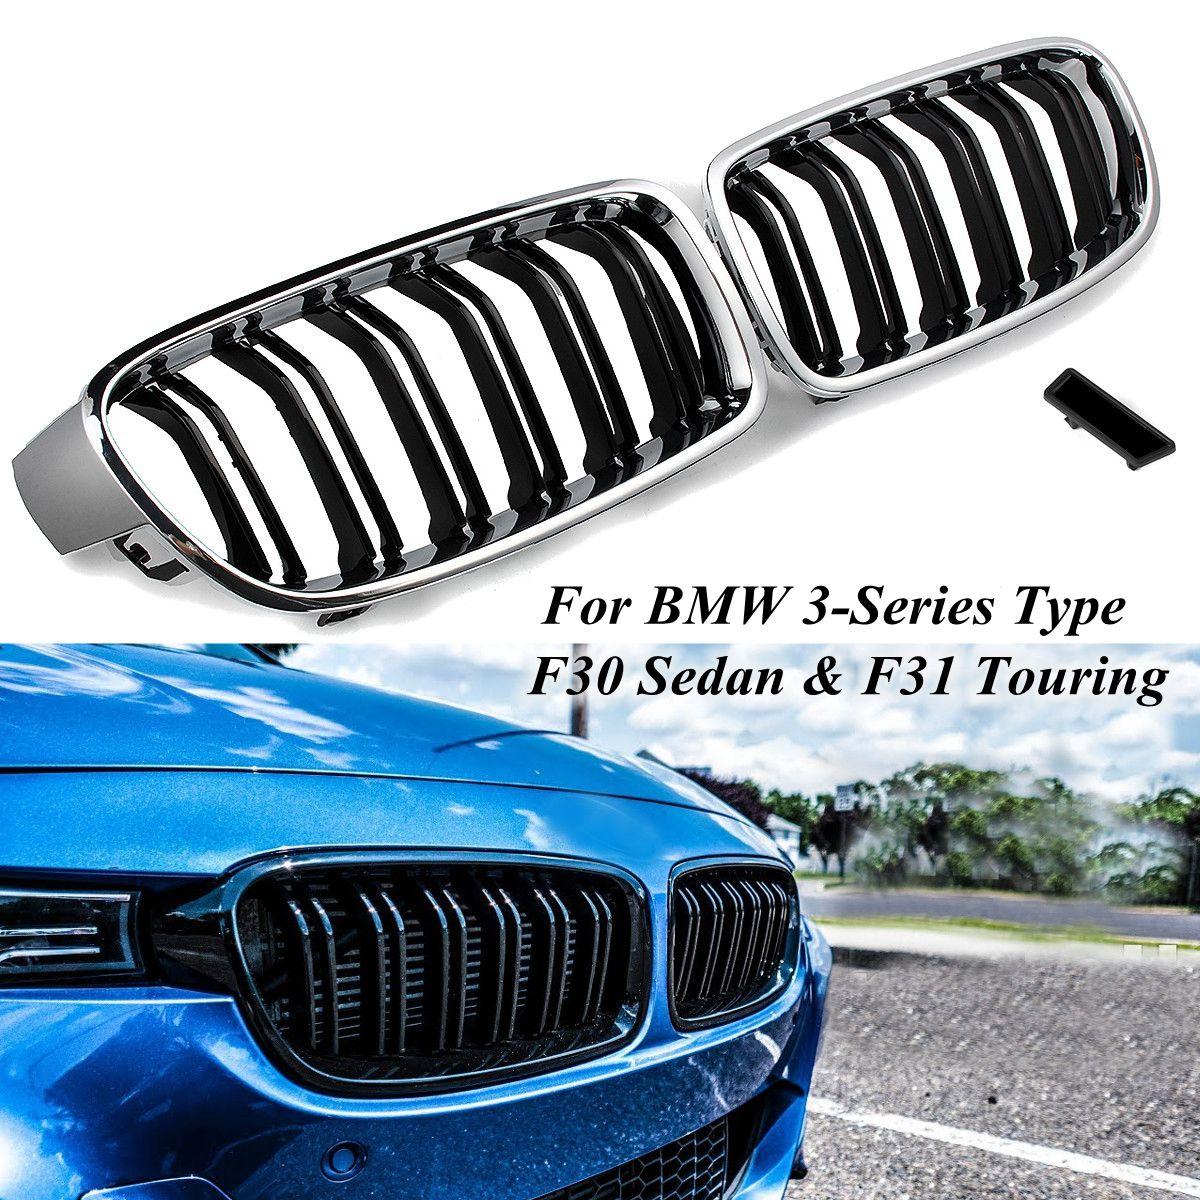 2 шт. ABS M3 выглядеть автомобиль передняя решетка почек решетка для BMW 3 серии Тип F30 седан и F31 Touring